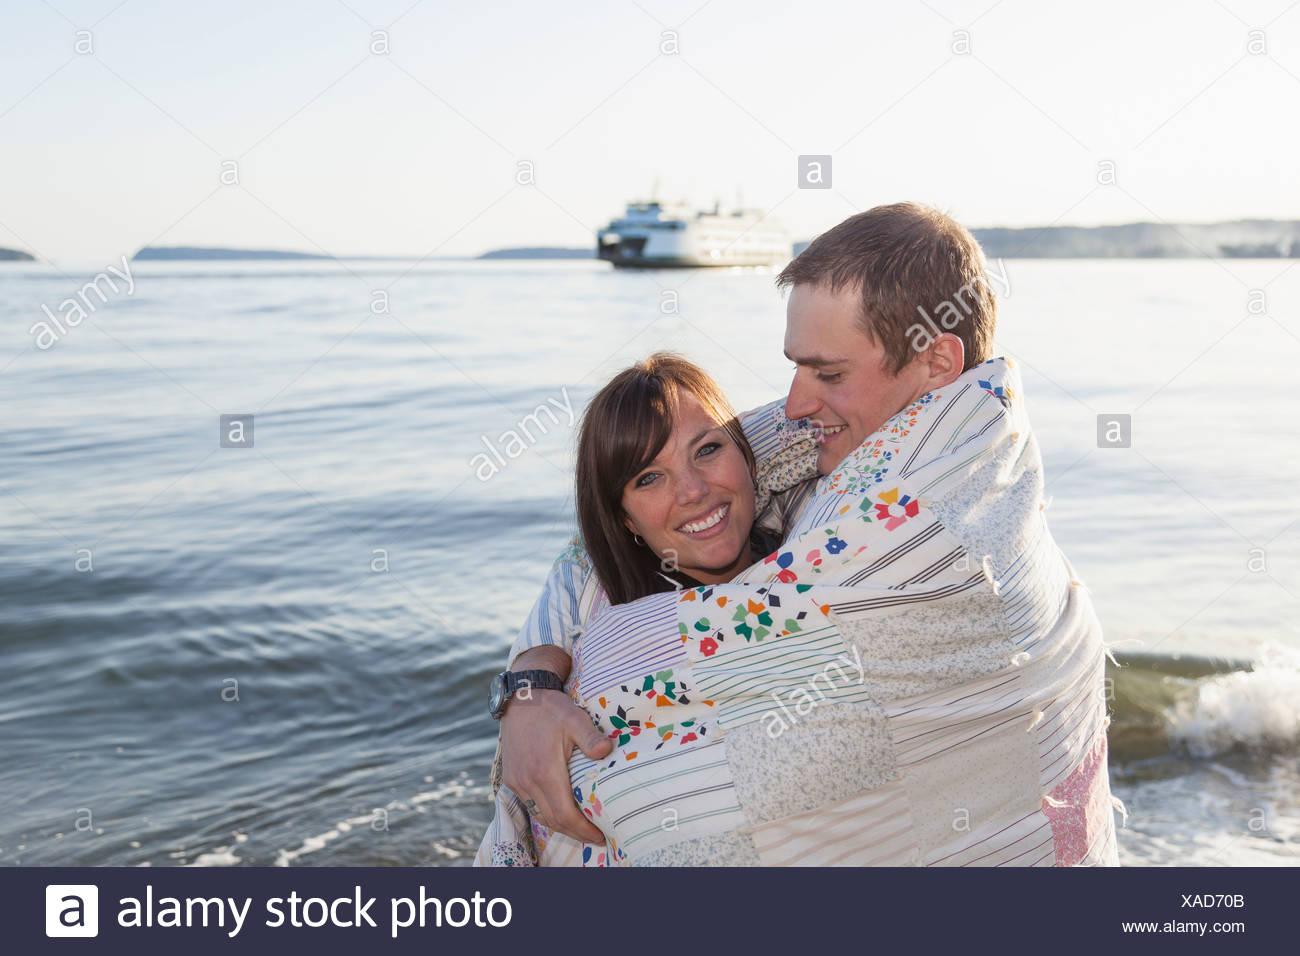 Jeune couple enveloppé dans une couverture à l'autre Photo Stock